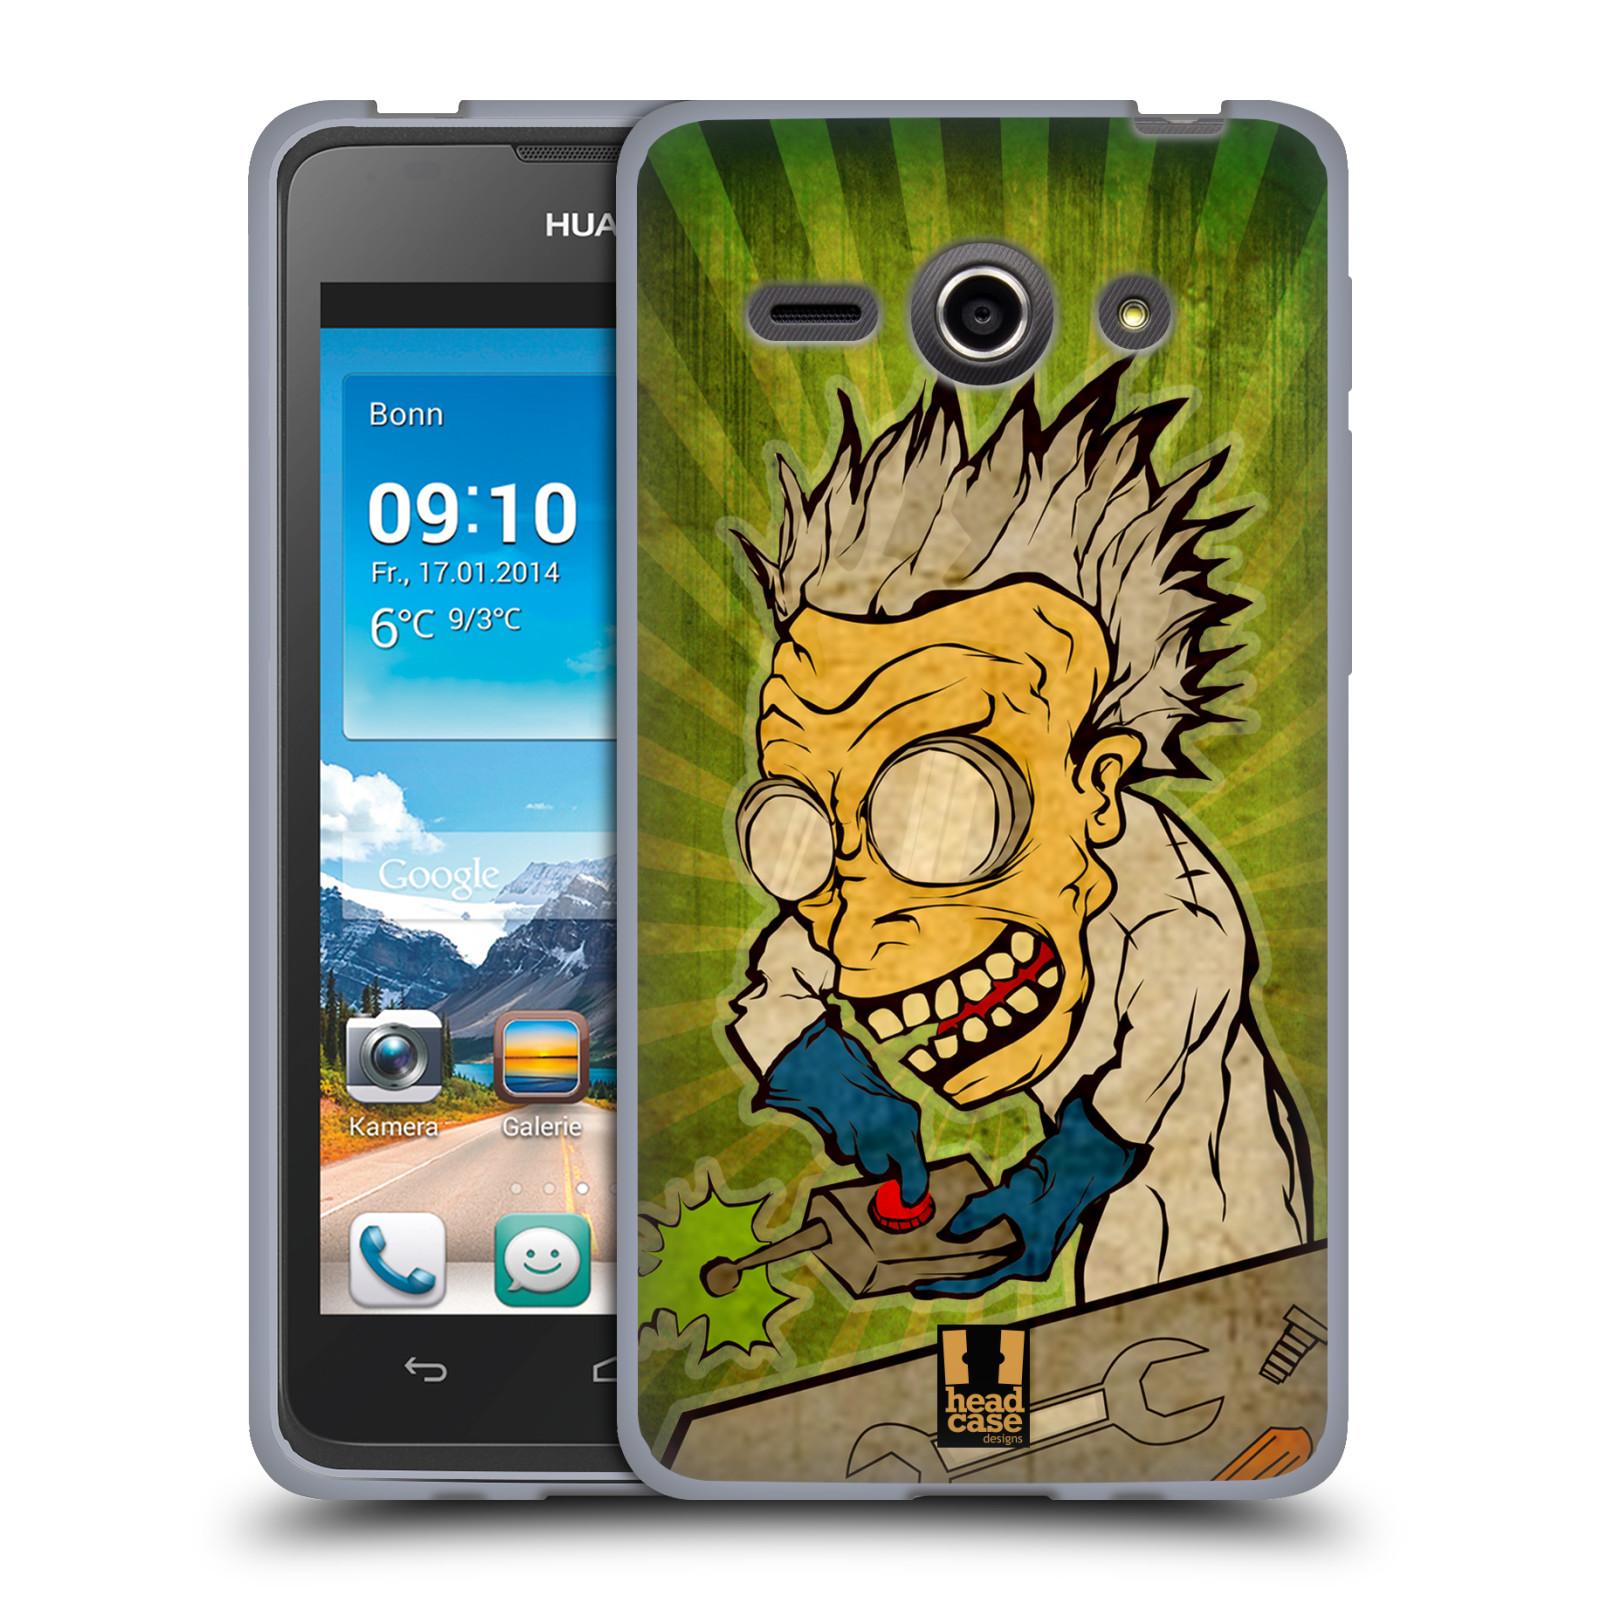 Silikonové pouzdro na mobil Huawei Ascend Y530 HEAD CASE INFUSE (Silikonový kryt či obal na mobilní telefon Huawei Ascend Y530)